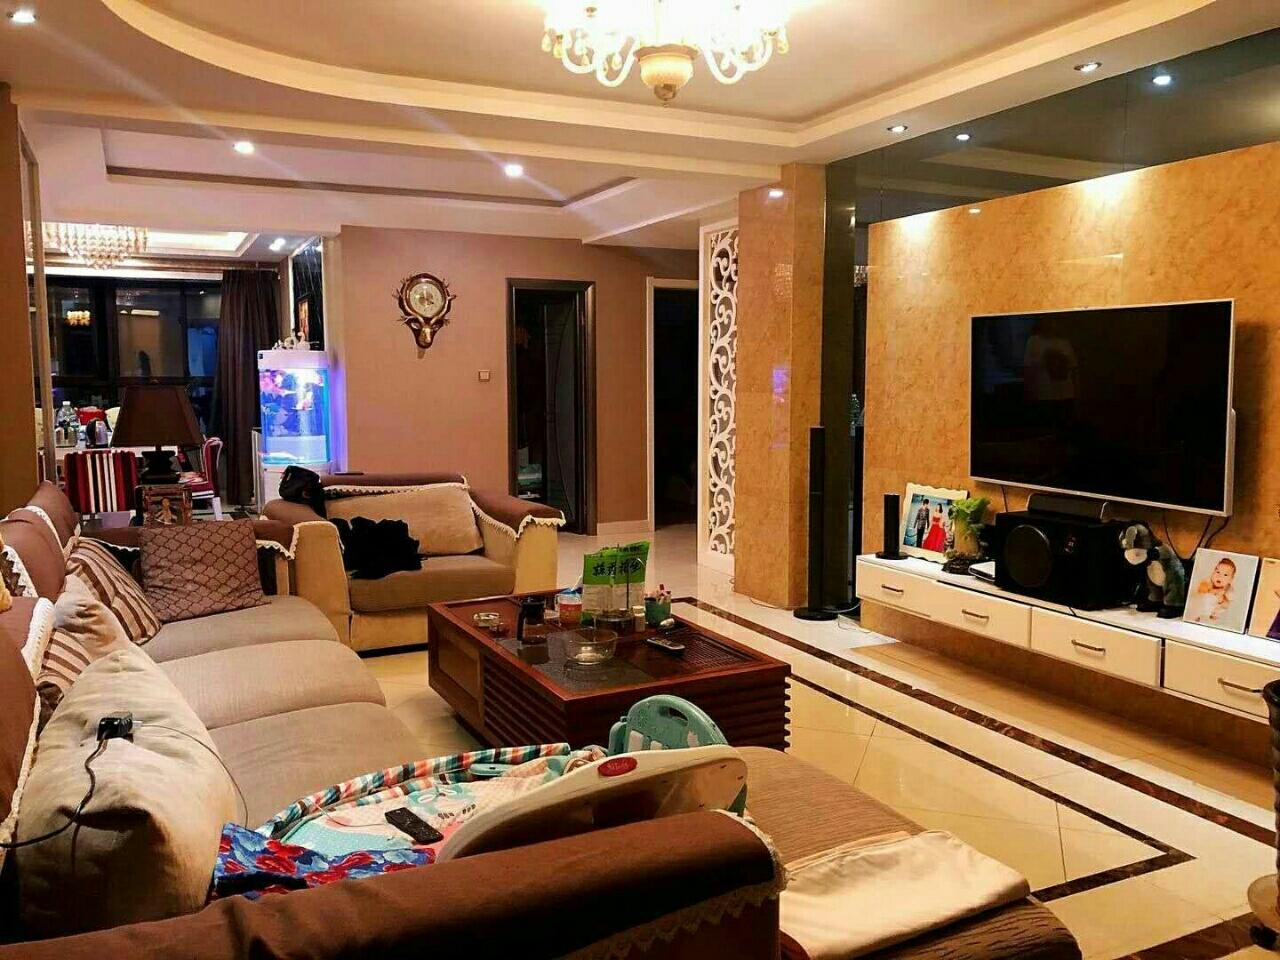 水岸人家136平米3室 2厅 1卫6楼76.8万元